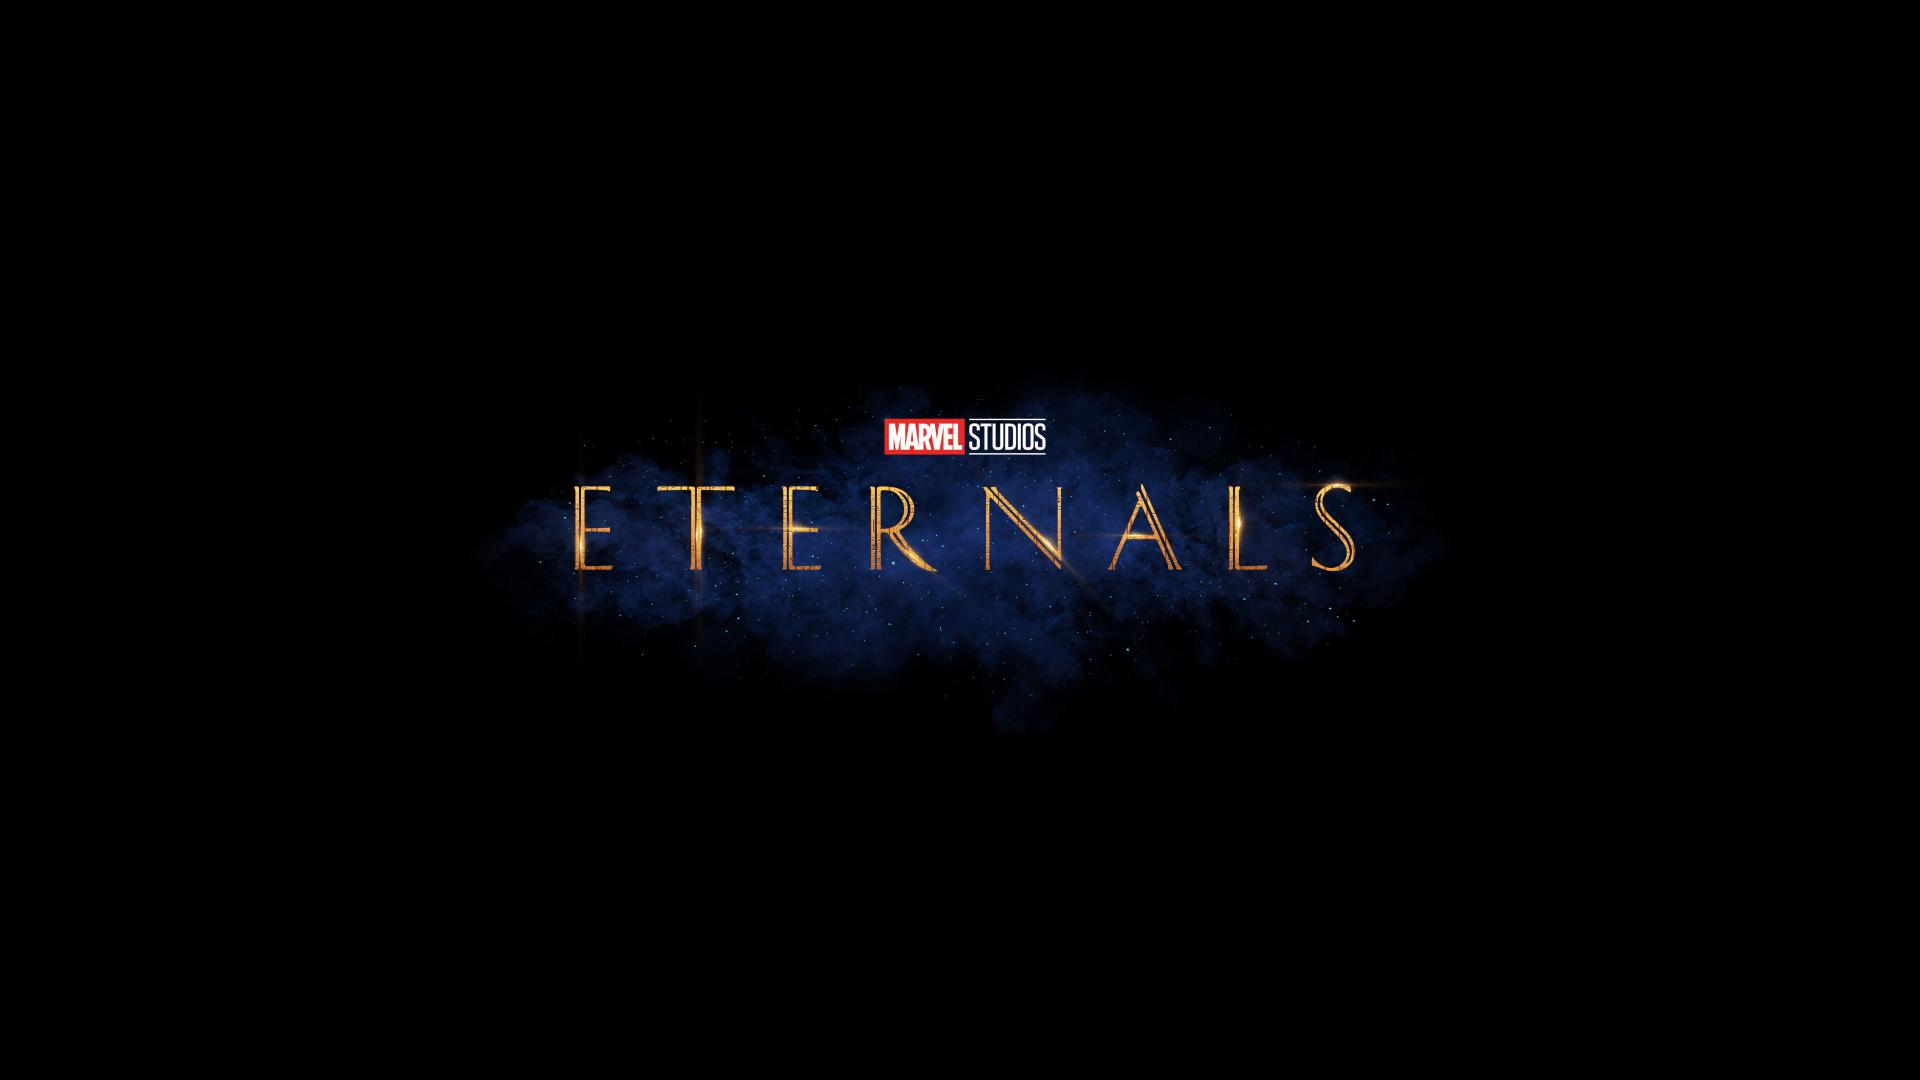 the eternals seyrederiz